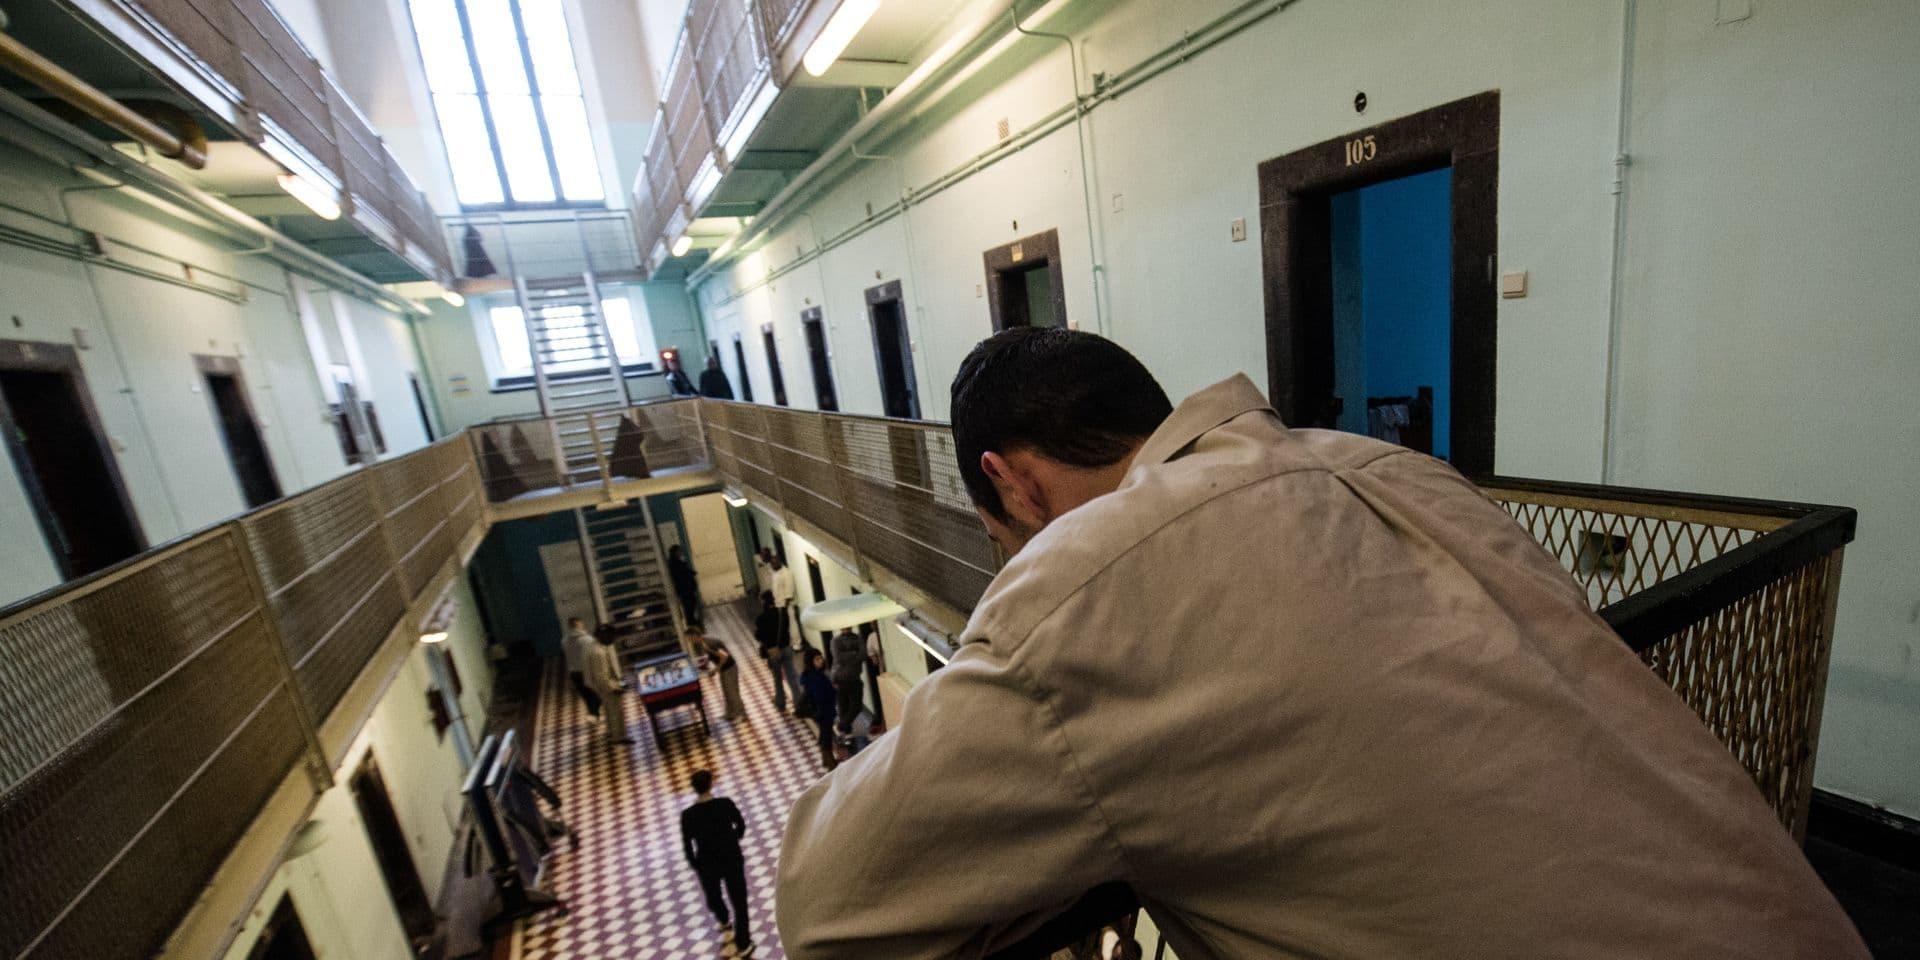 """Douche froide pour les détenus, le modèle punitif va encore se durcir: """"Ce qui est dit sur les visites carcérales est effrayant"""""""